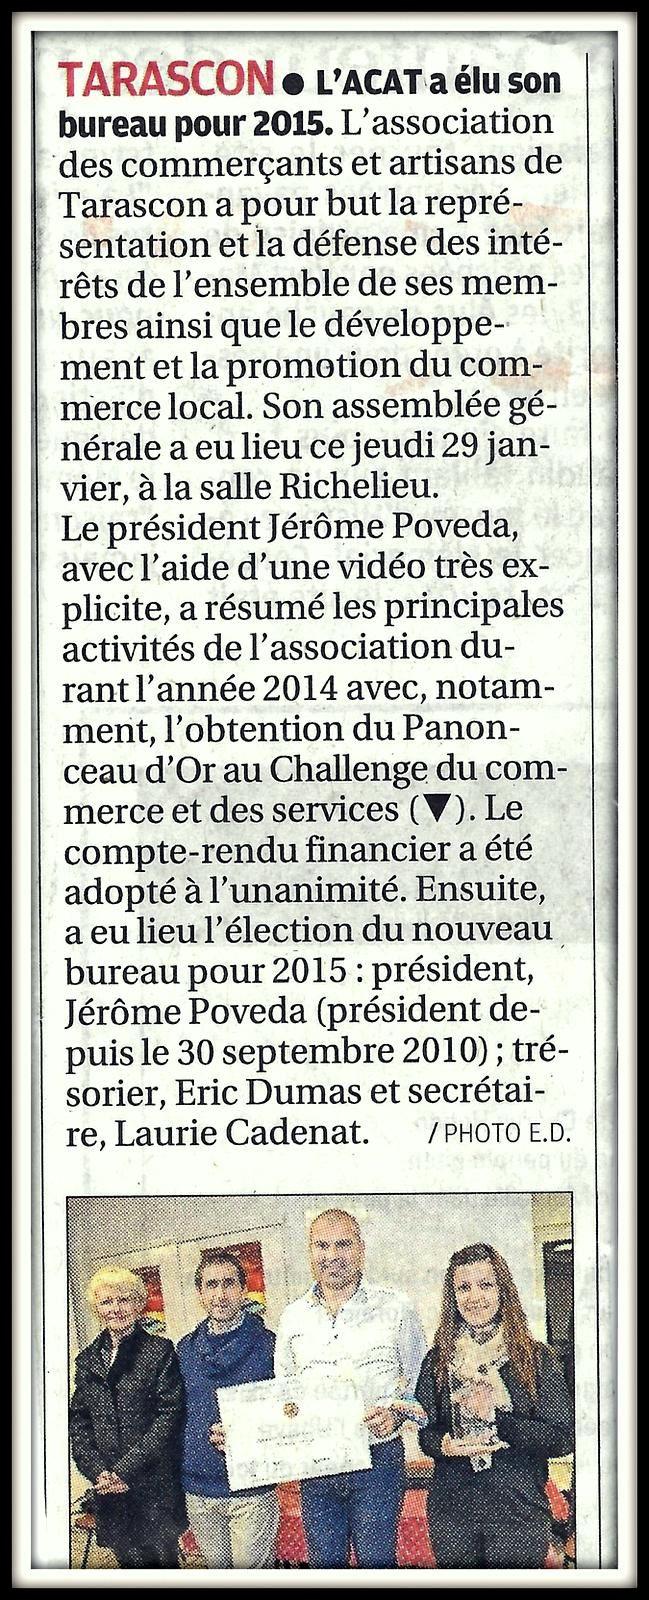 Article de La Provence - Février 2015 - Assemblée générale de l'A.C.A.T. - Nouveau Bureau administratif - Panonceau d'Or